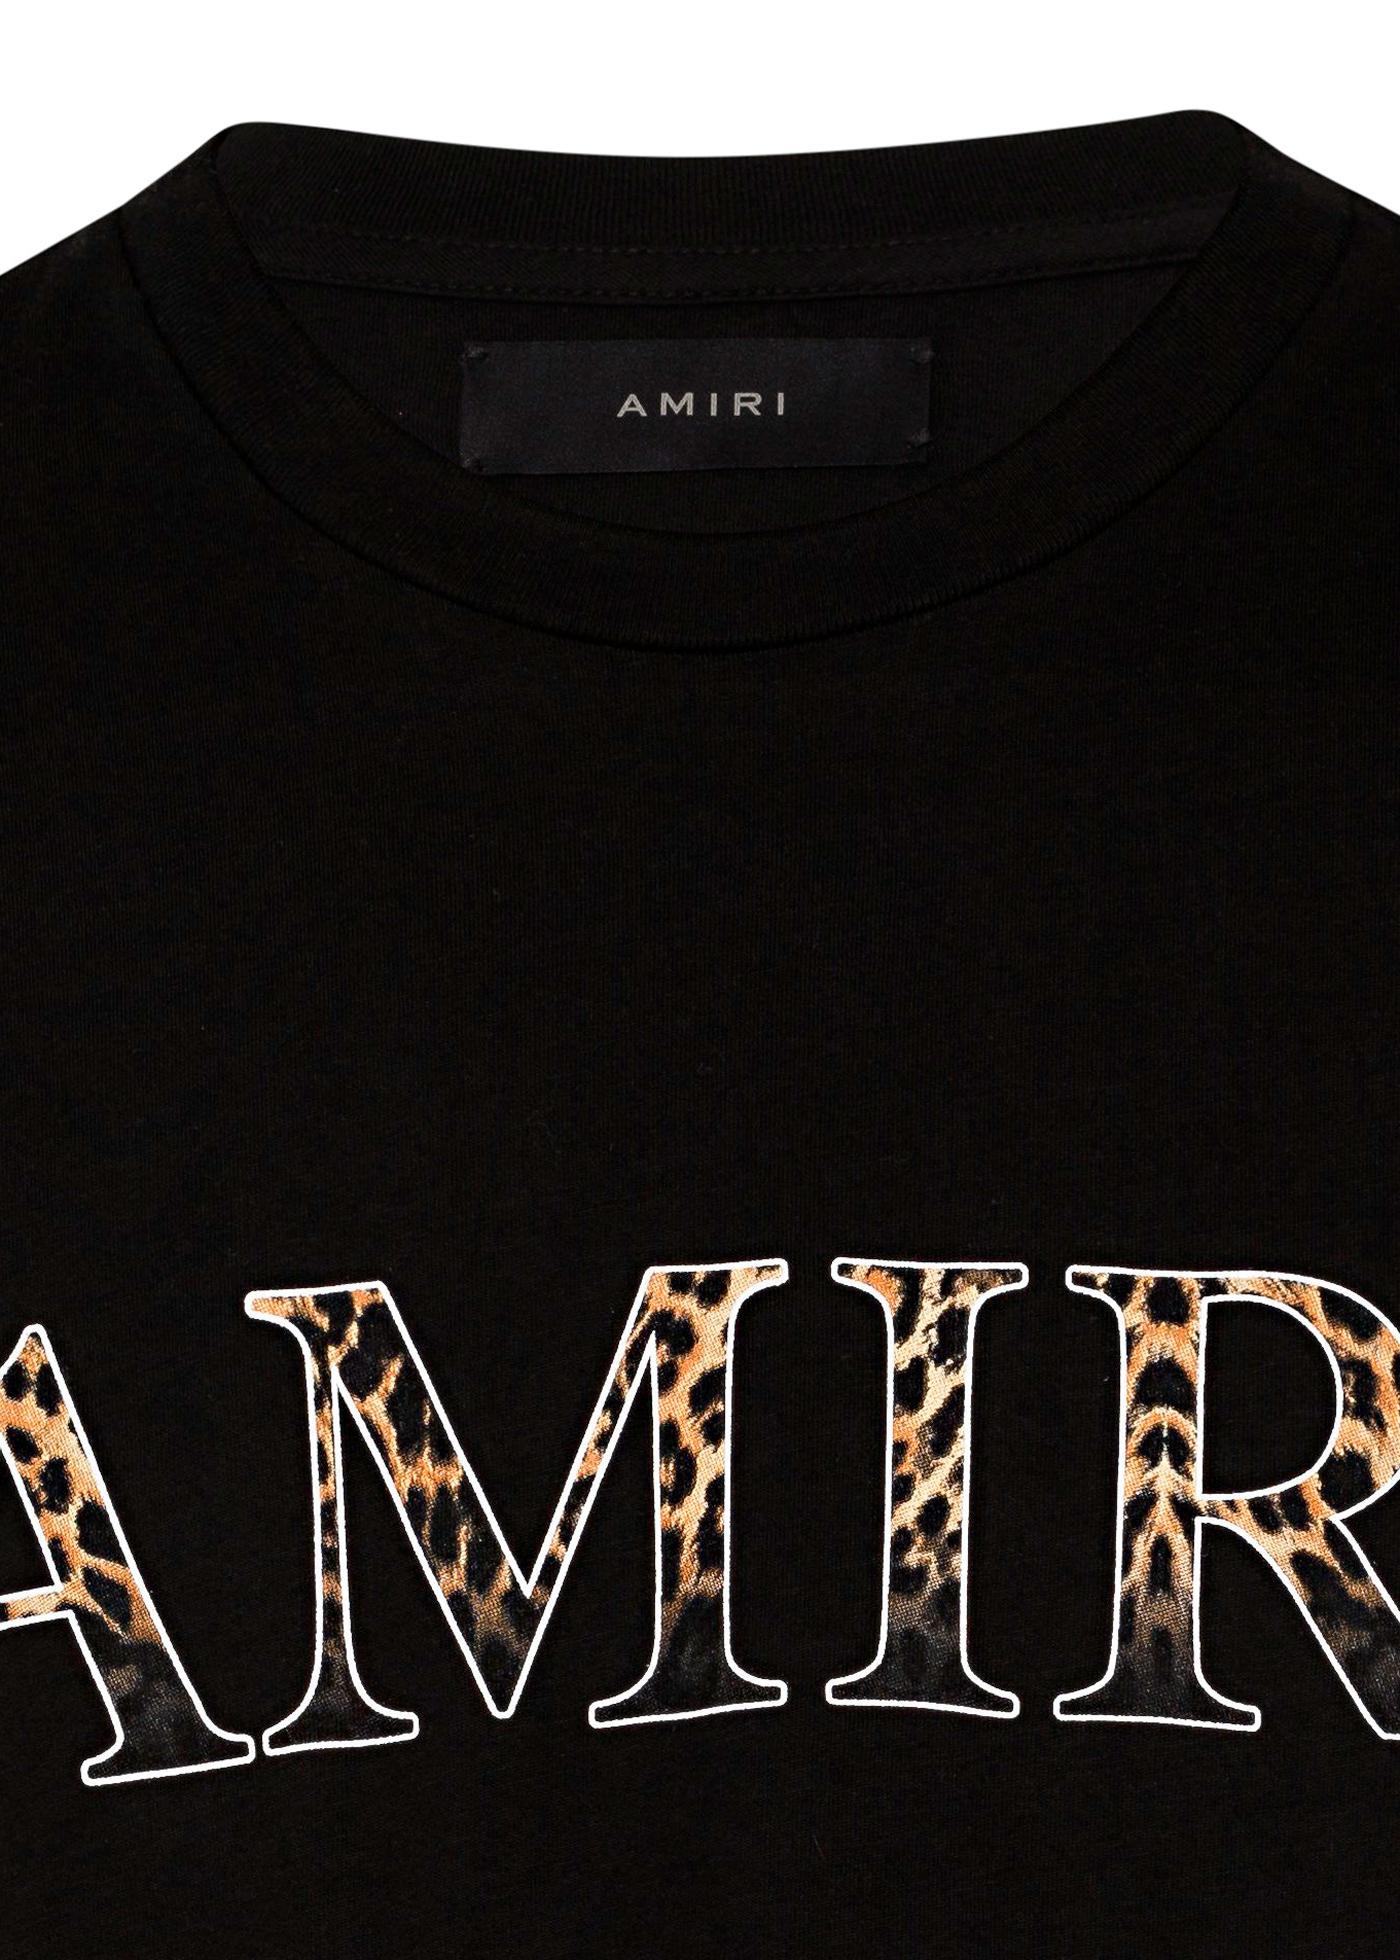 AMIRI LEOPARD TEE image number 2